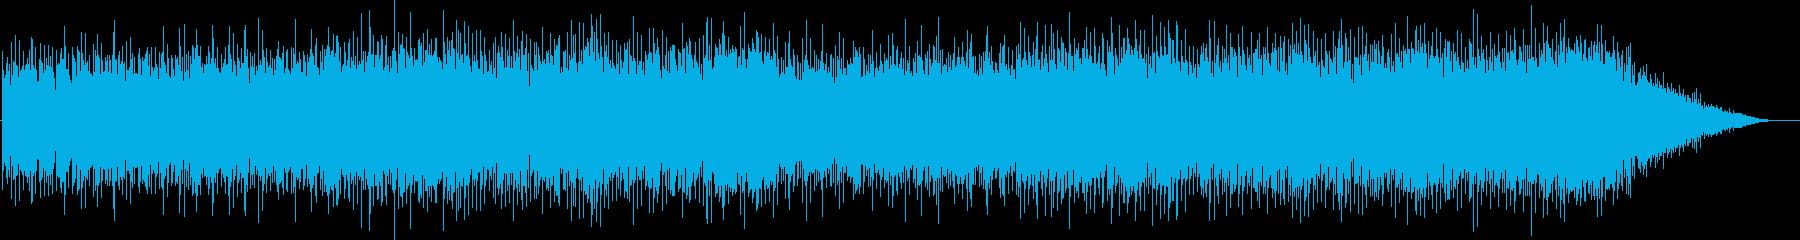 穏やかな曲です。の再生済みの波形